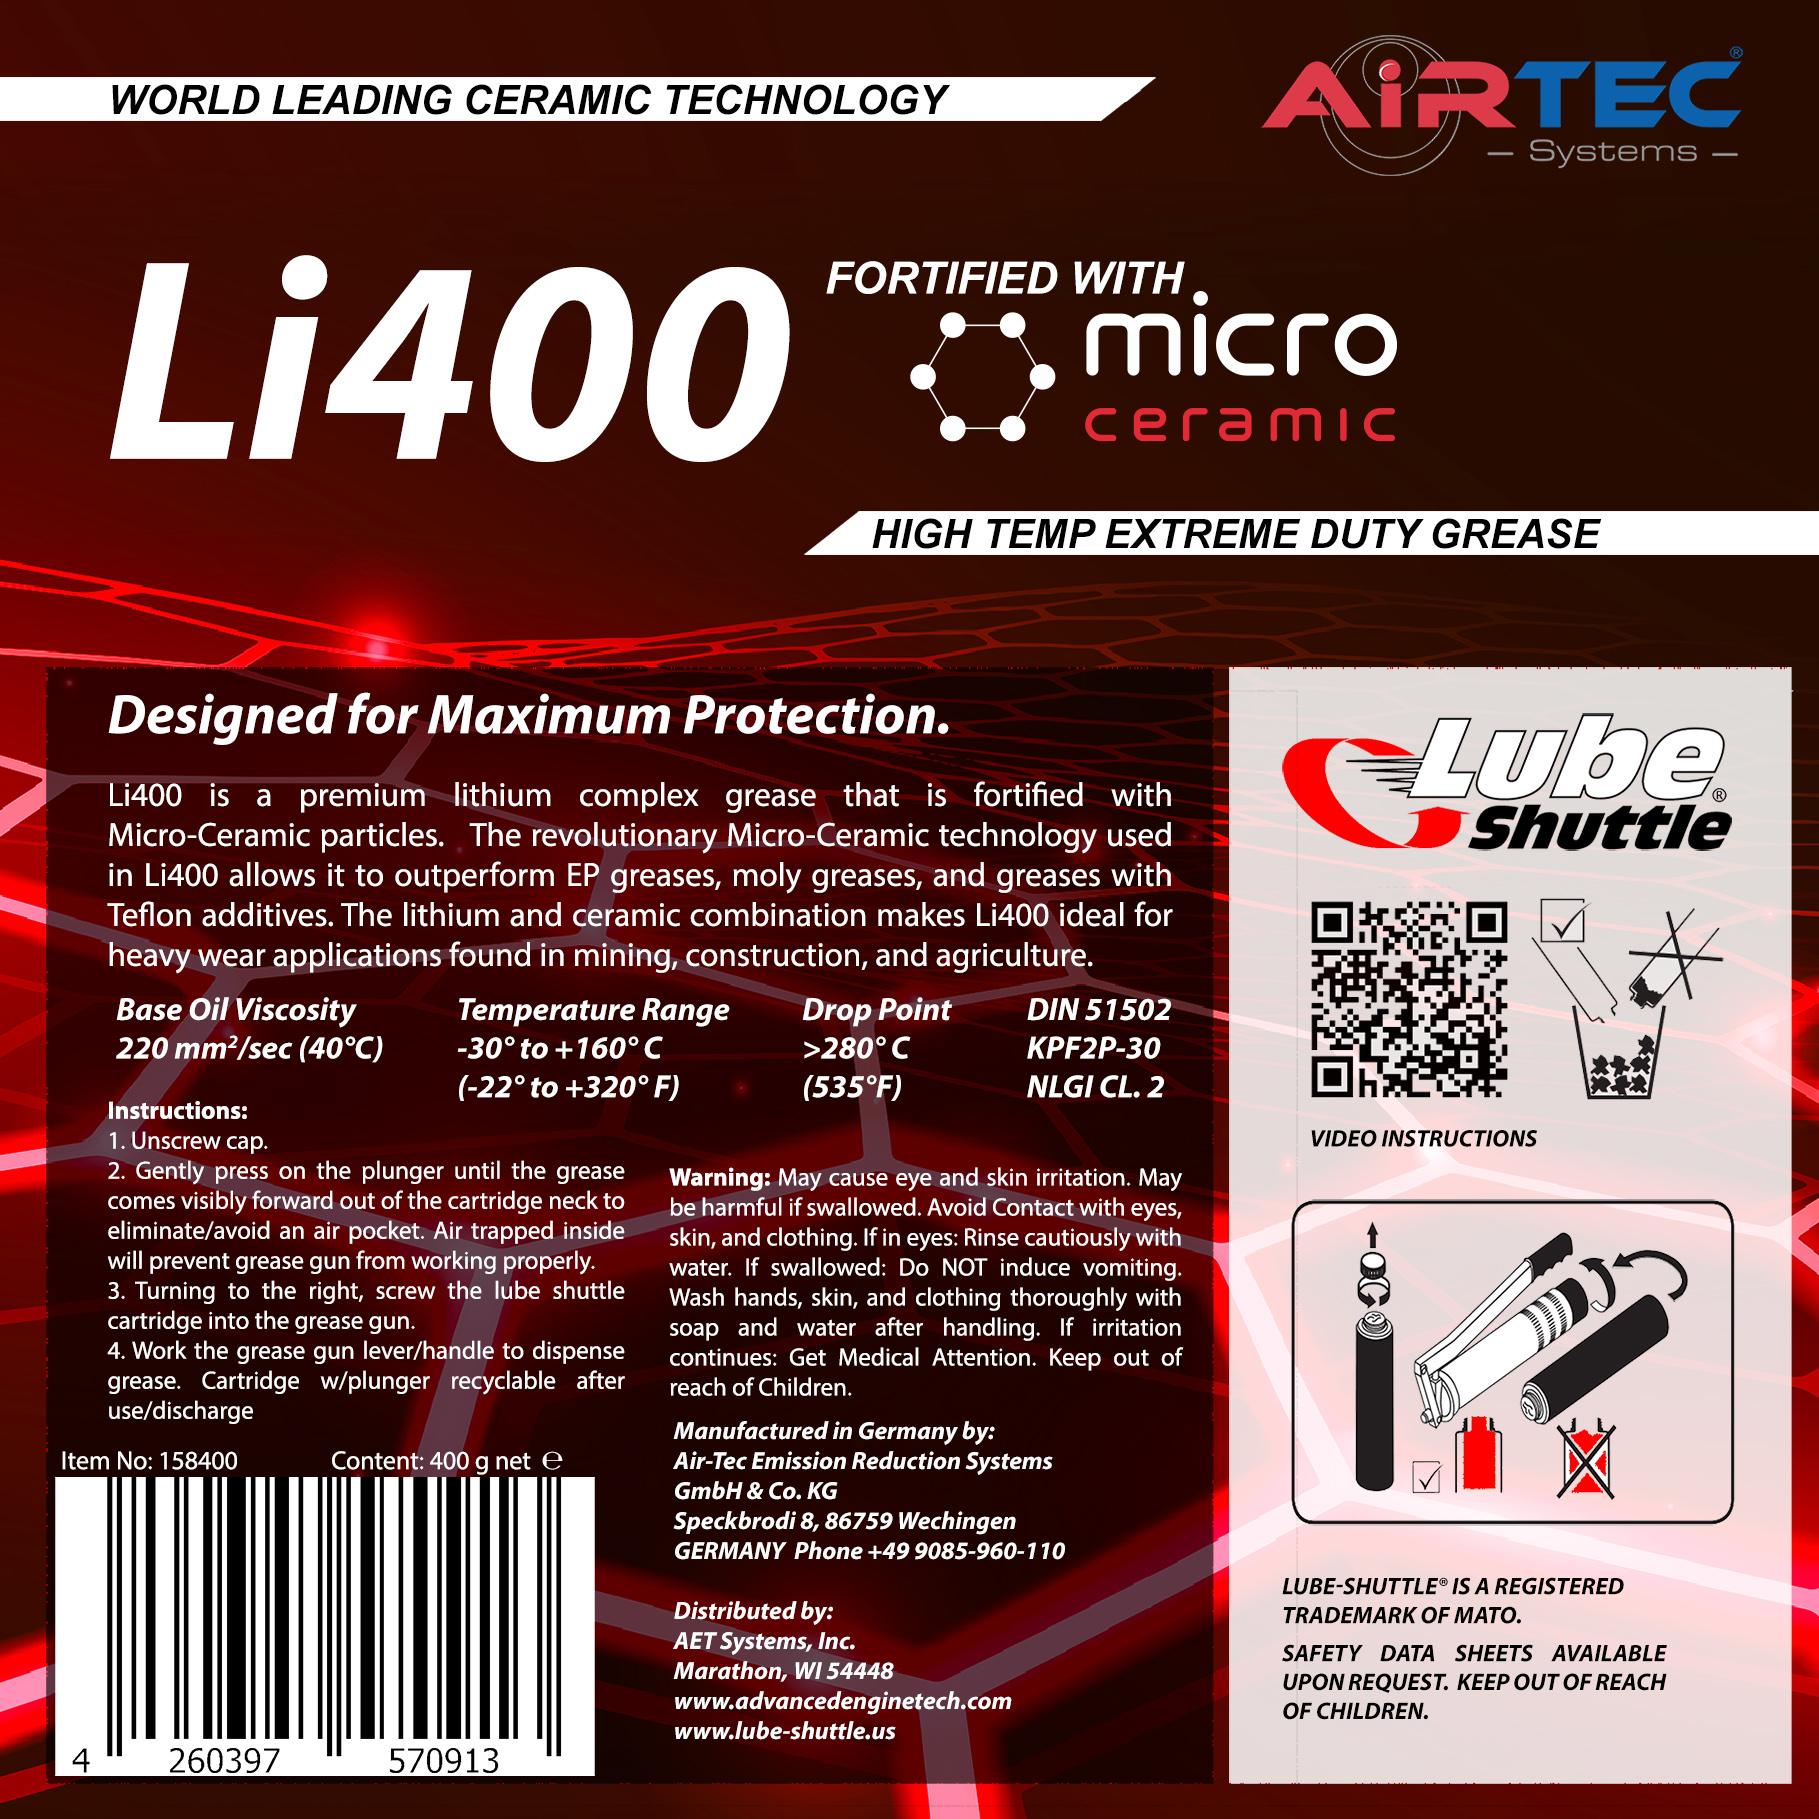 AirTec G200 EP LS Plus